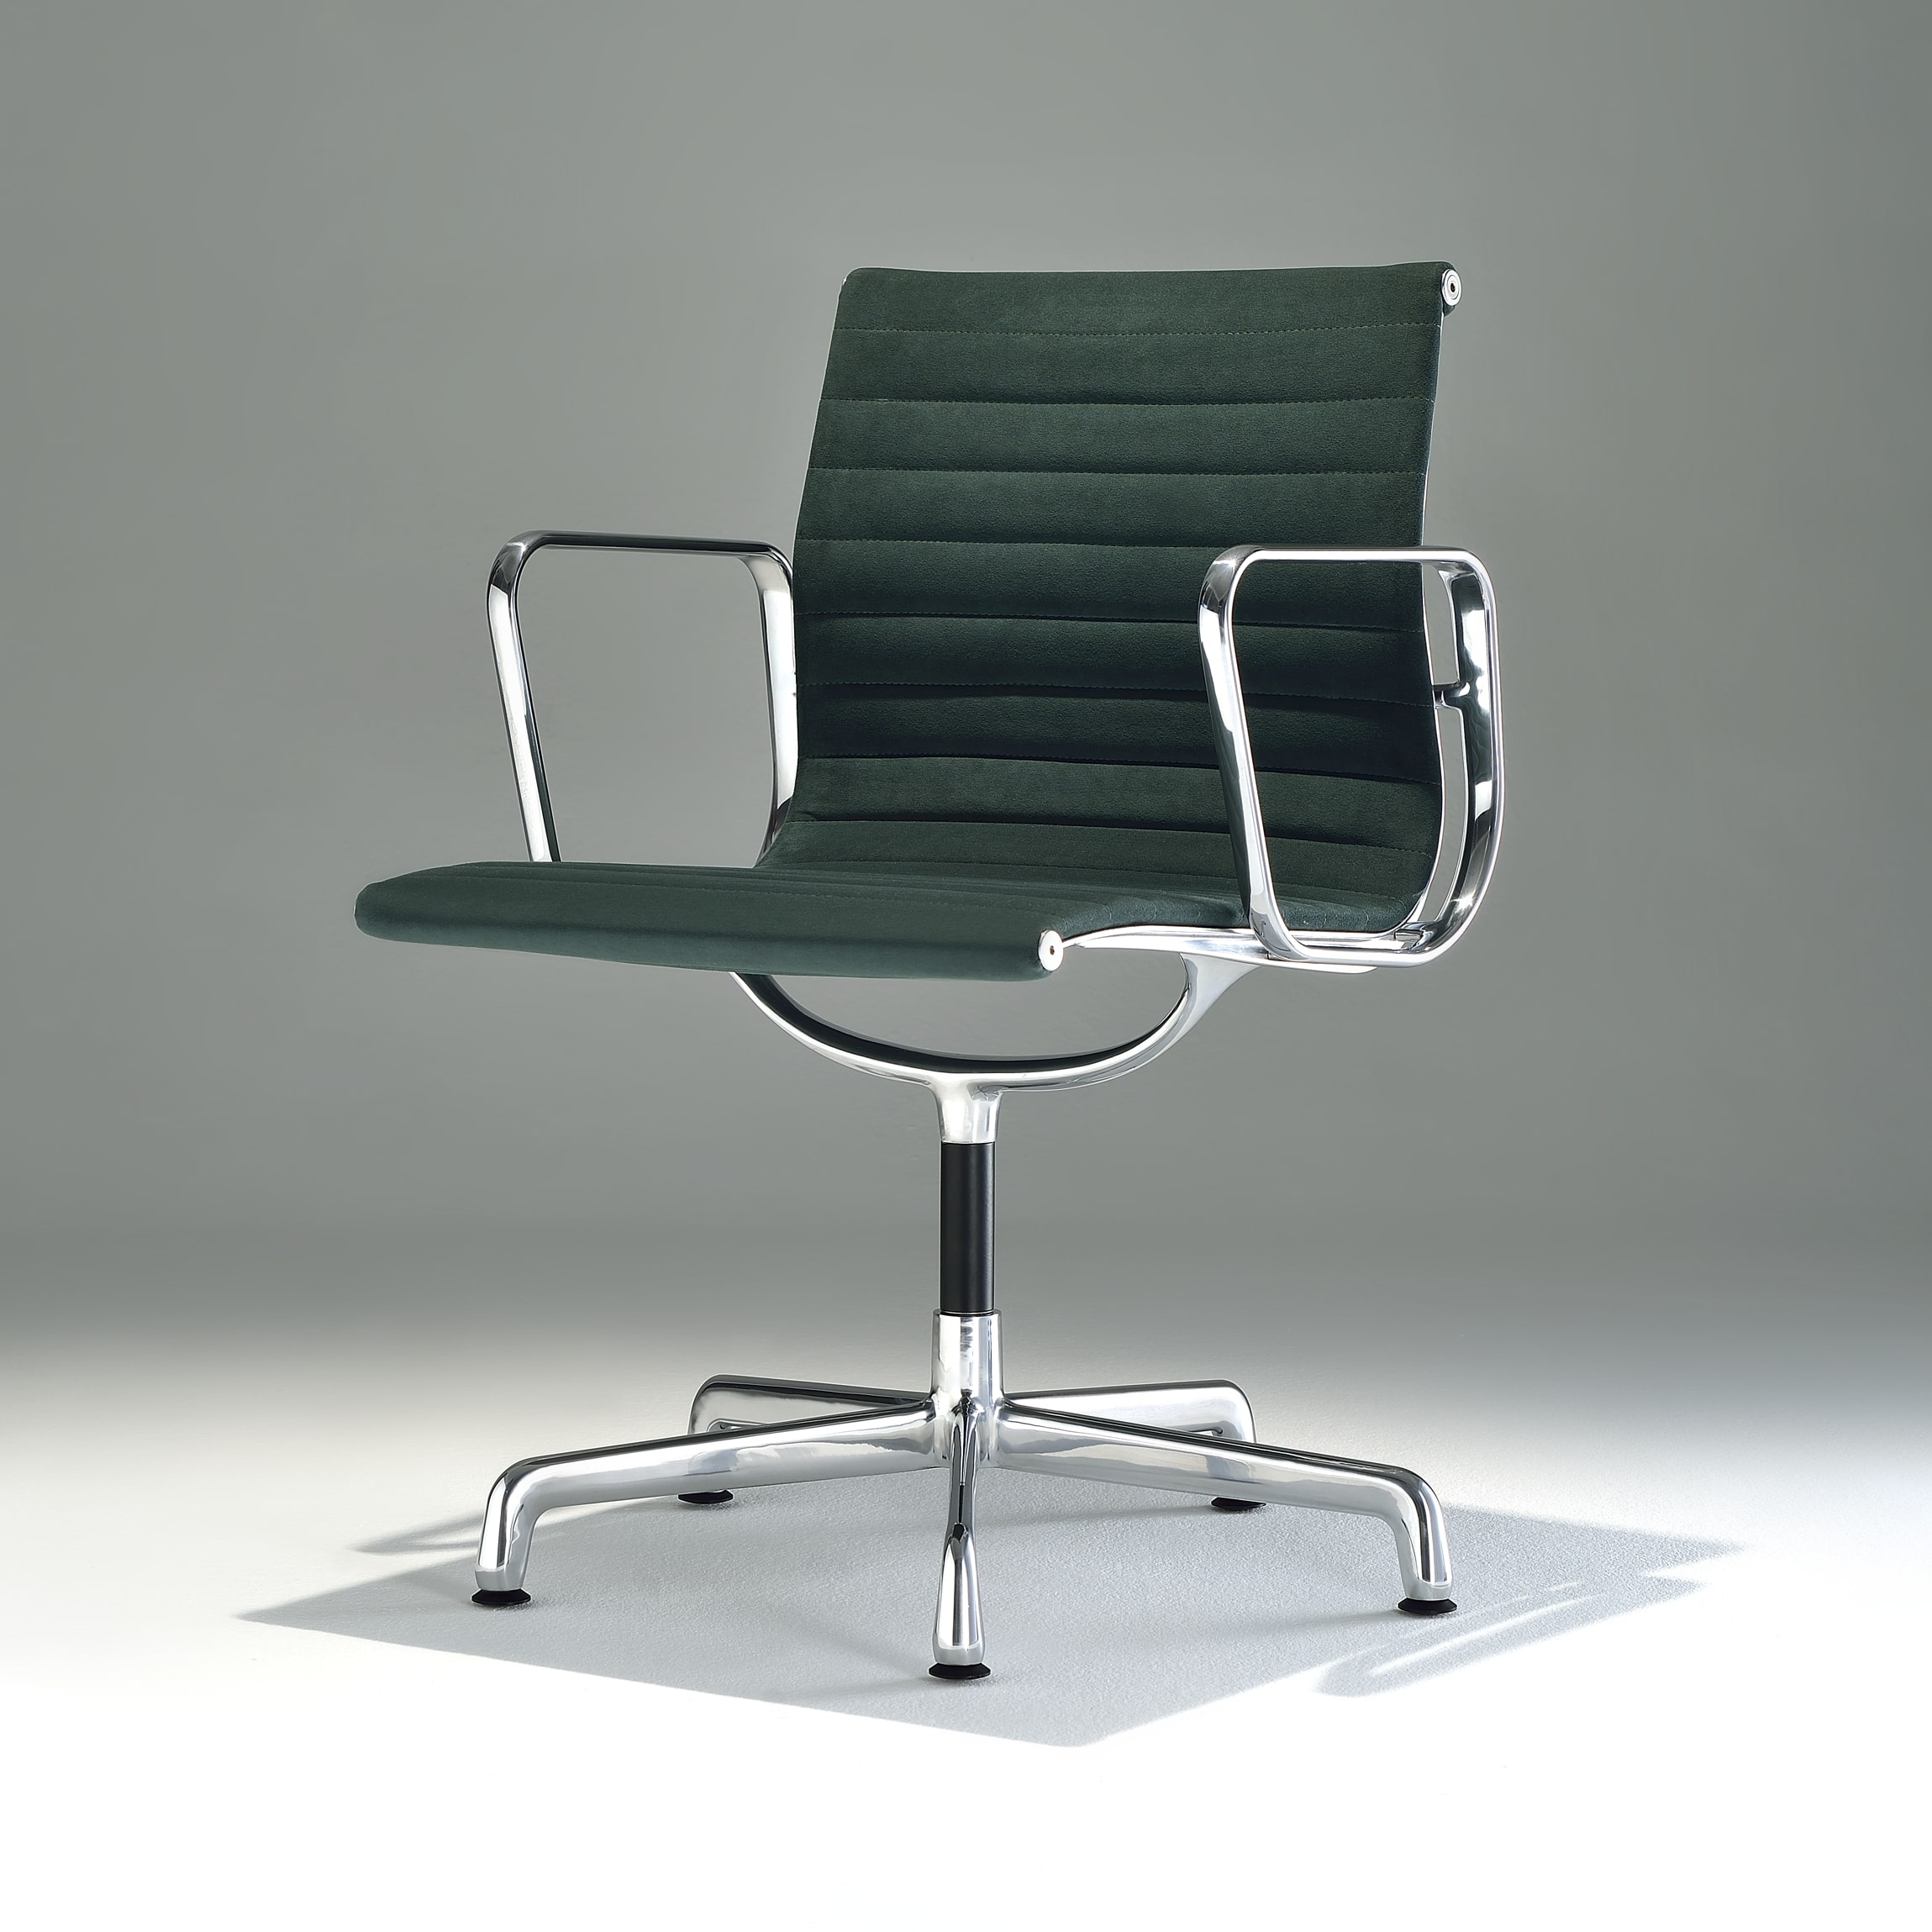 Cadeira EA120 com Braços Base Giratória em Alumínio Studio Mais Design by Charles e Ray Eames